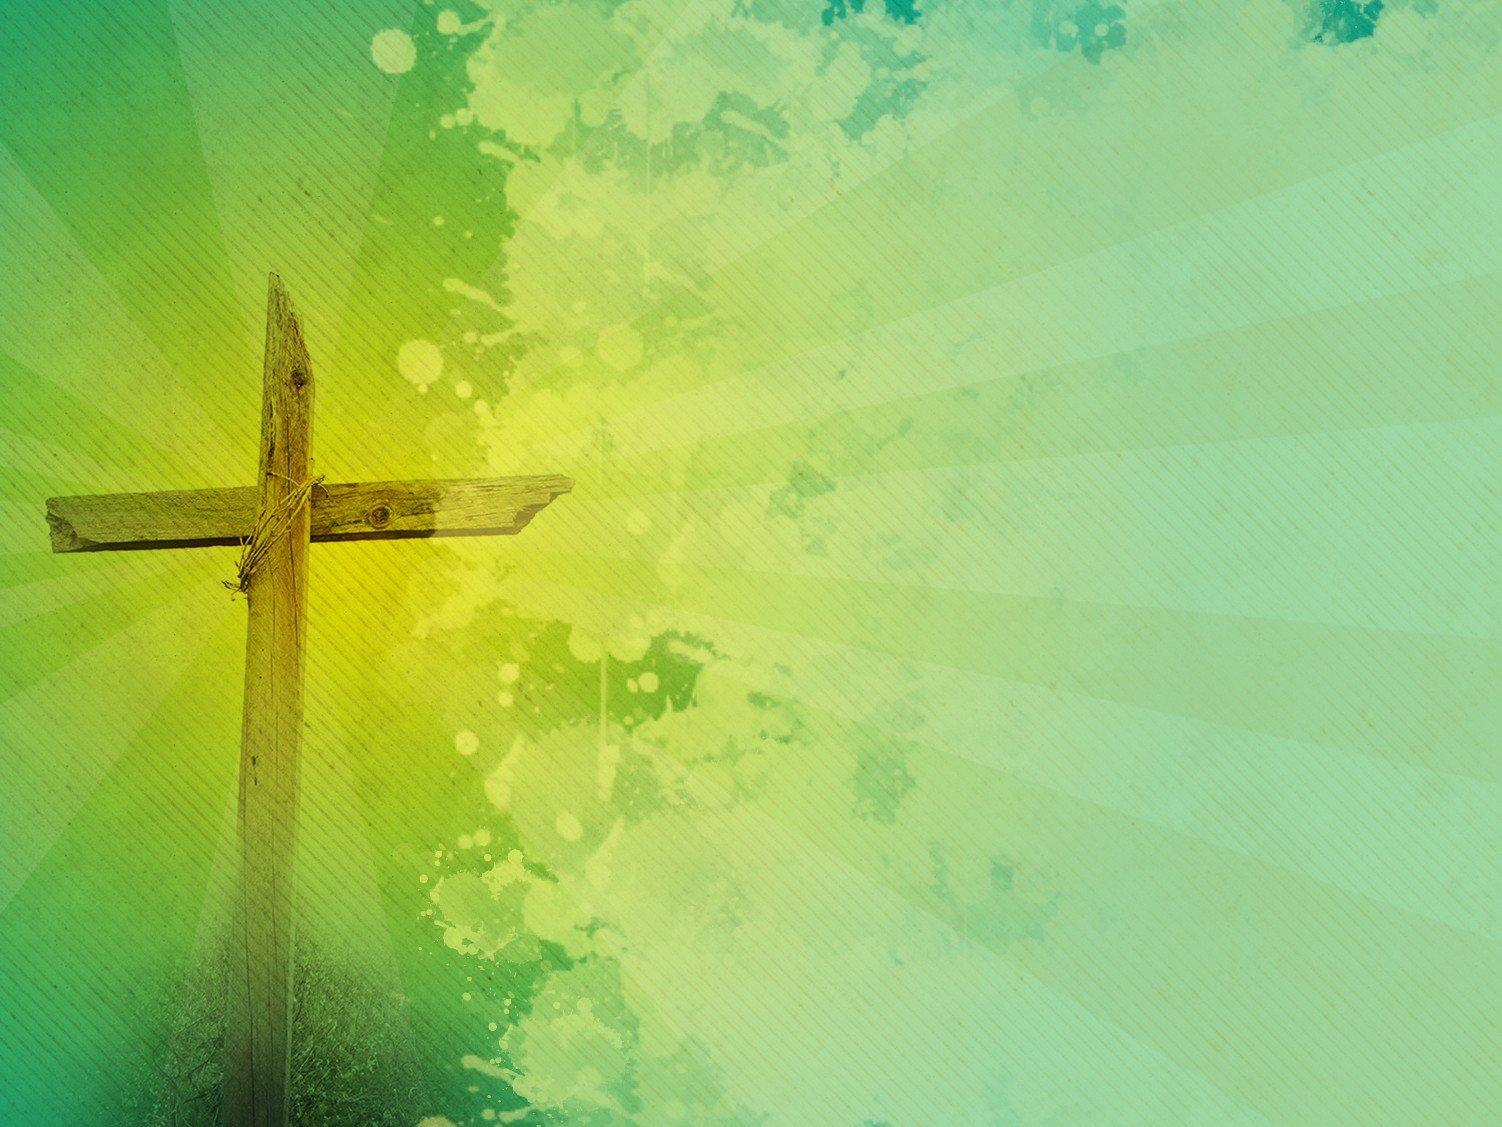 Free Worship Wallpaper - WallpaperSafari